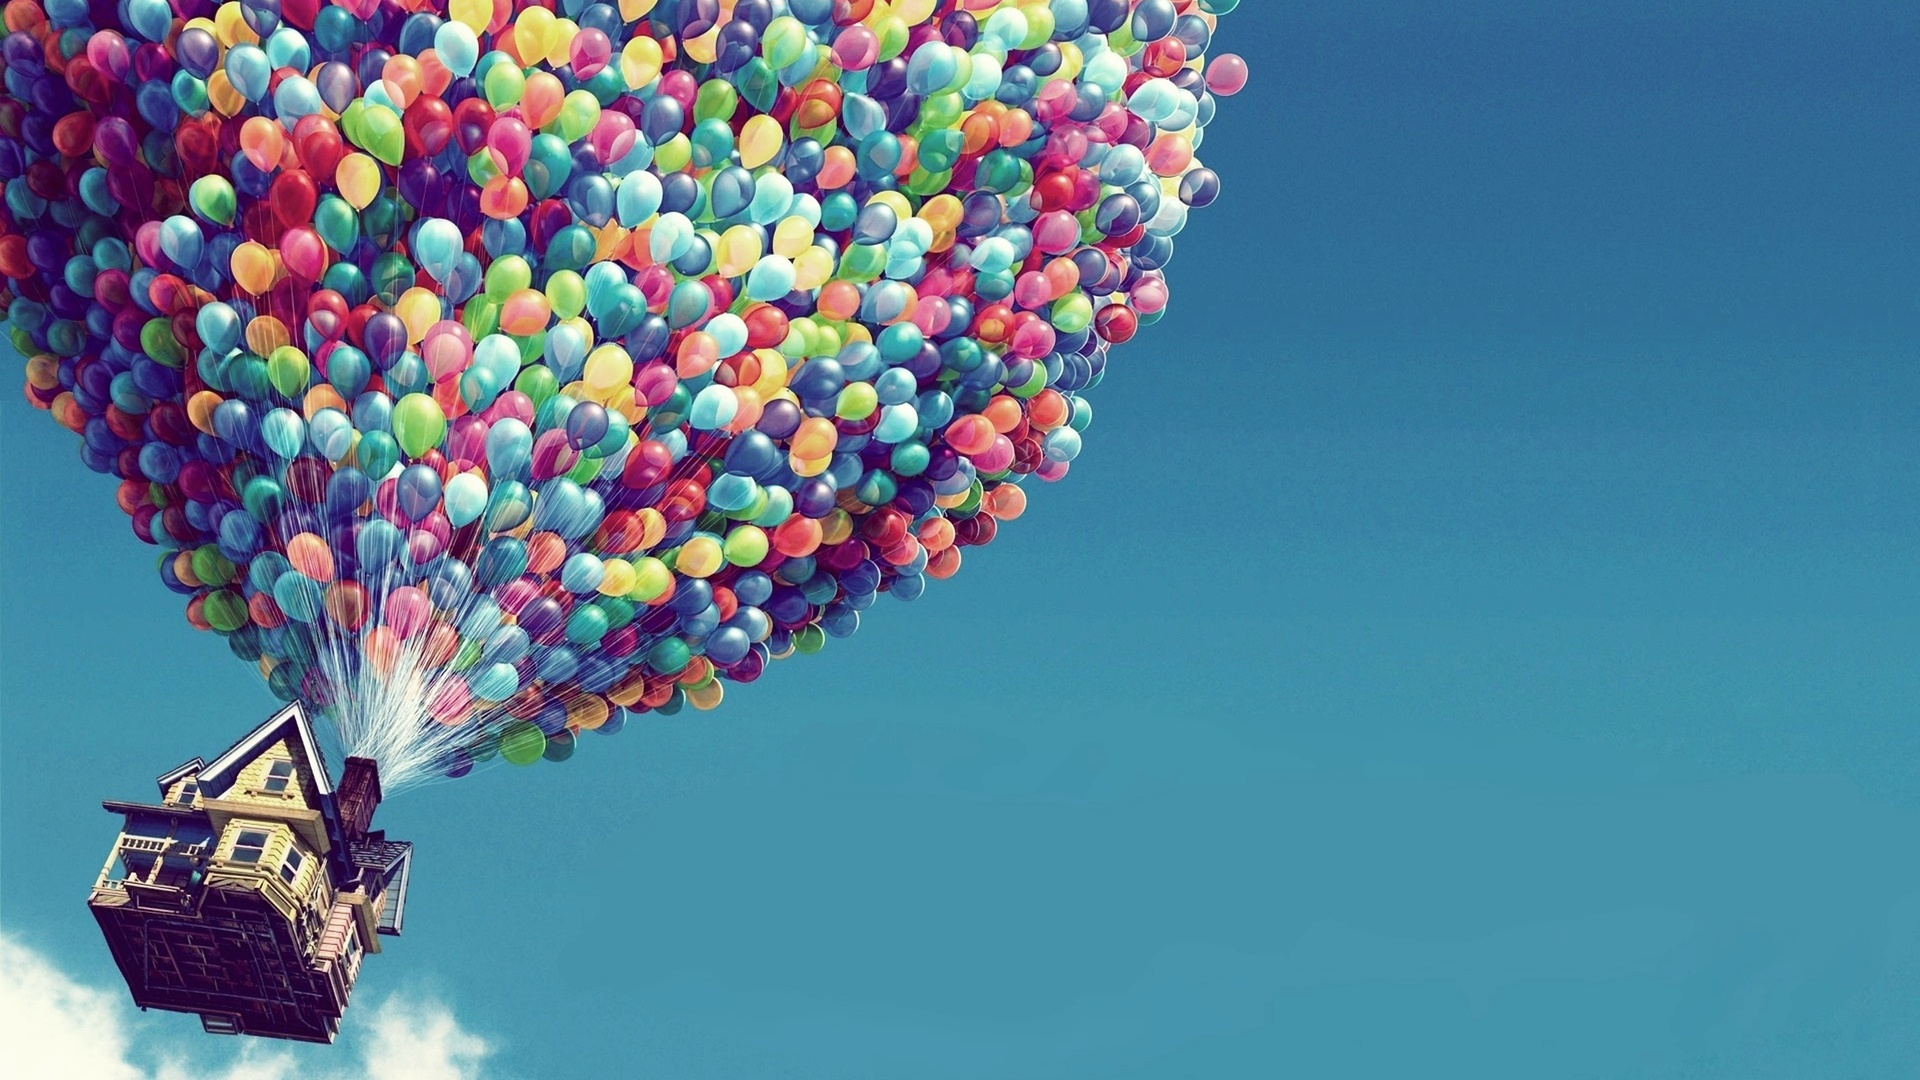 домик, воздушные шарики, полет